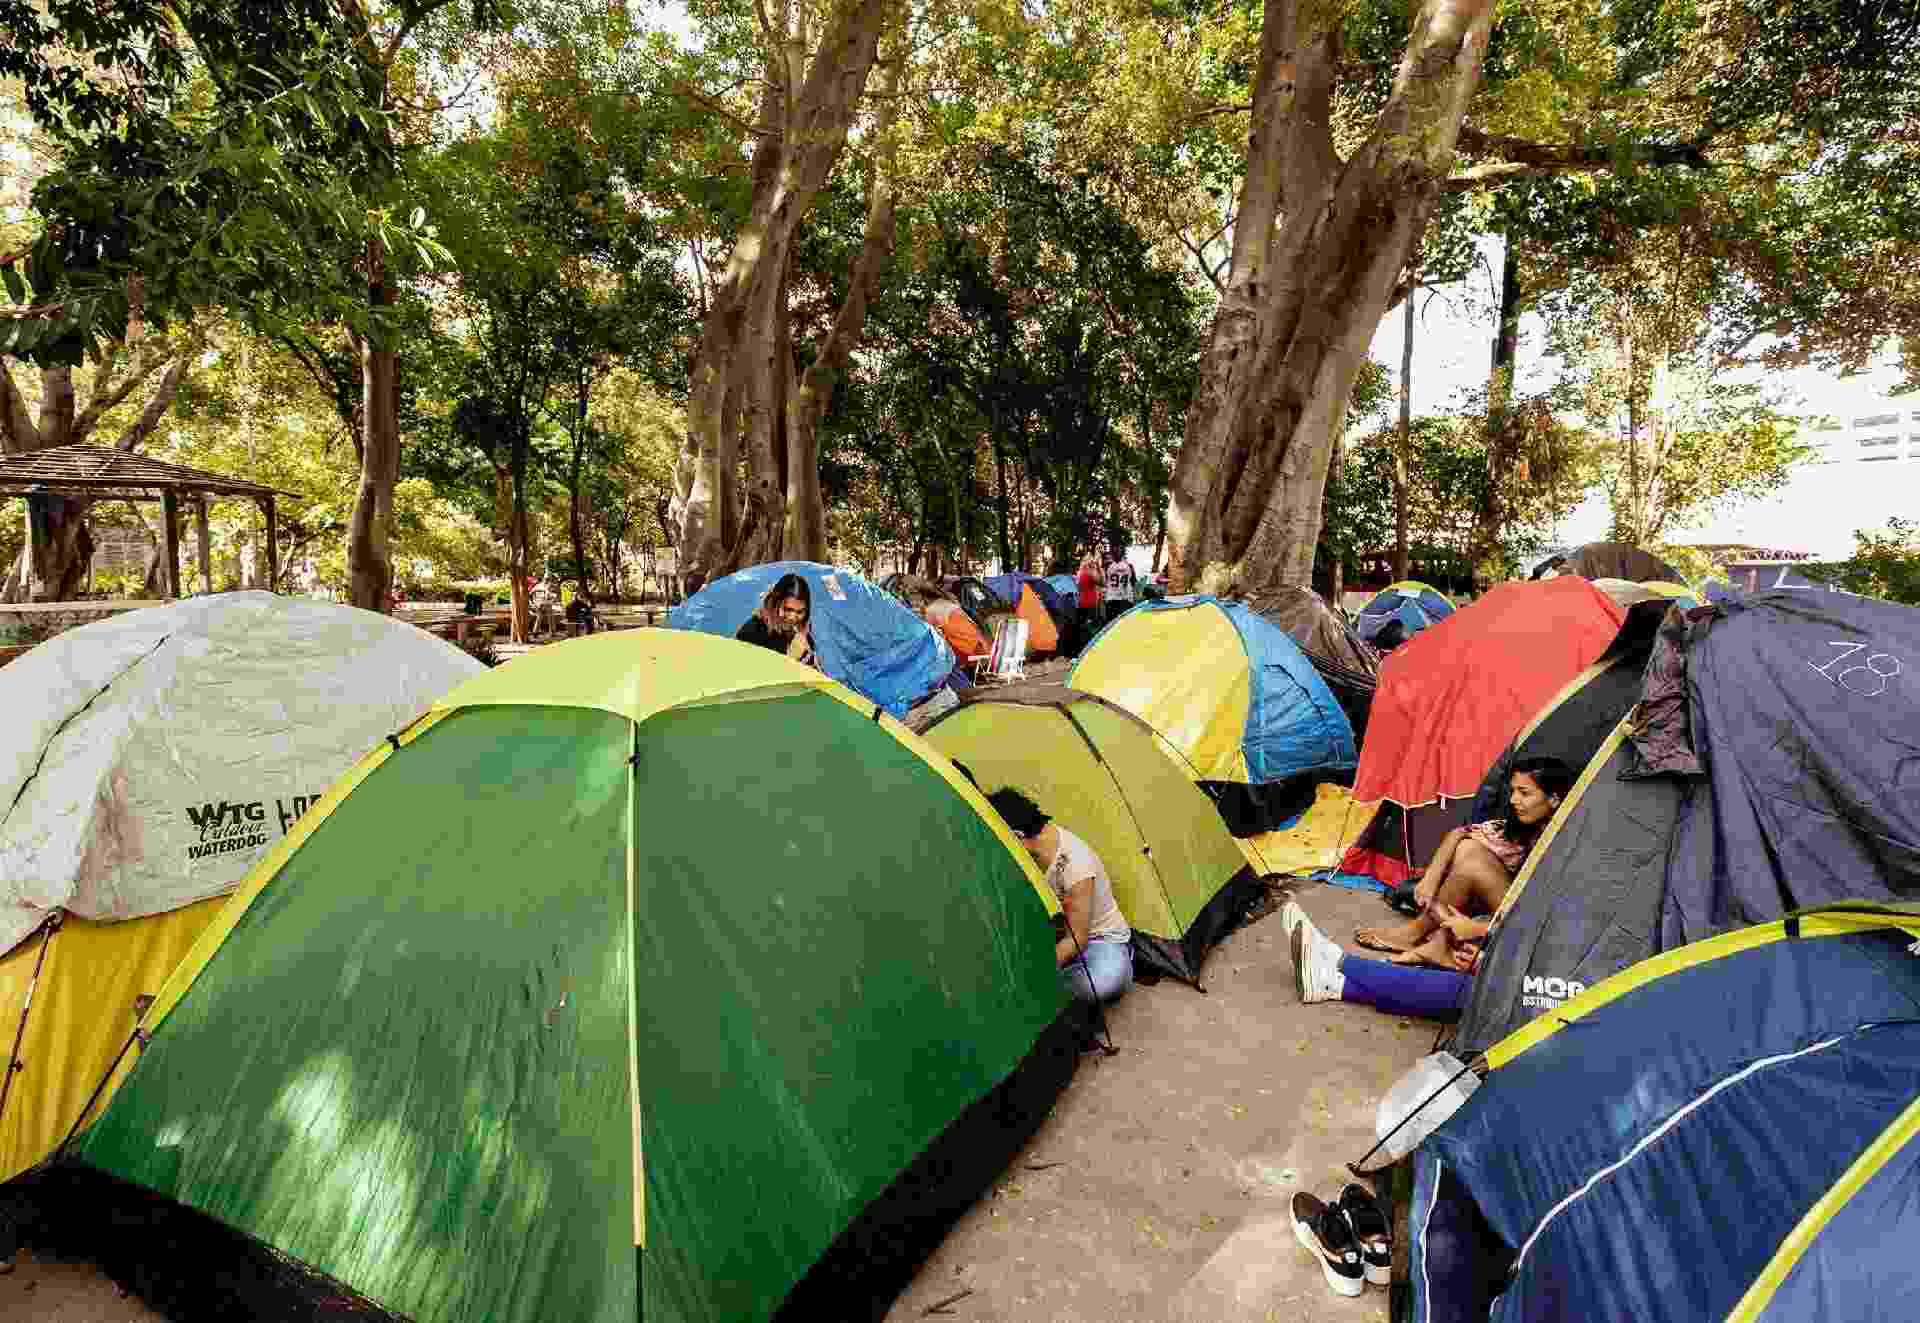 Vista geral do acampamento de fãs do BTS no entorno do Allianz Parque - Mariana Pekin/UOL